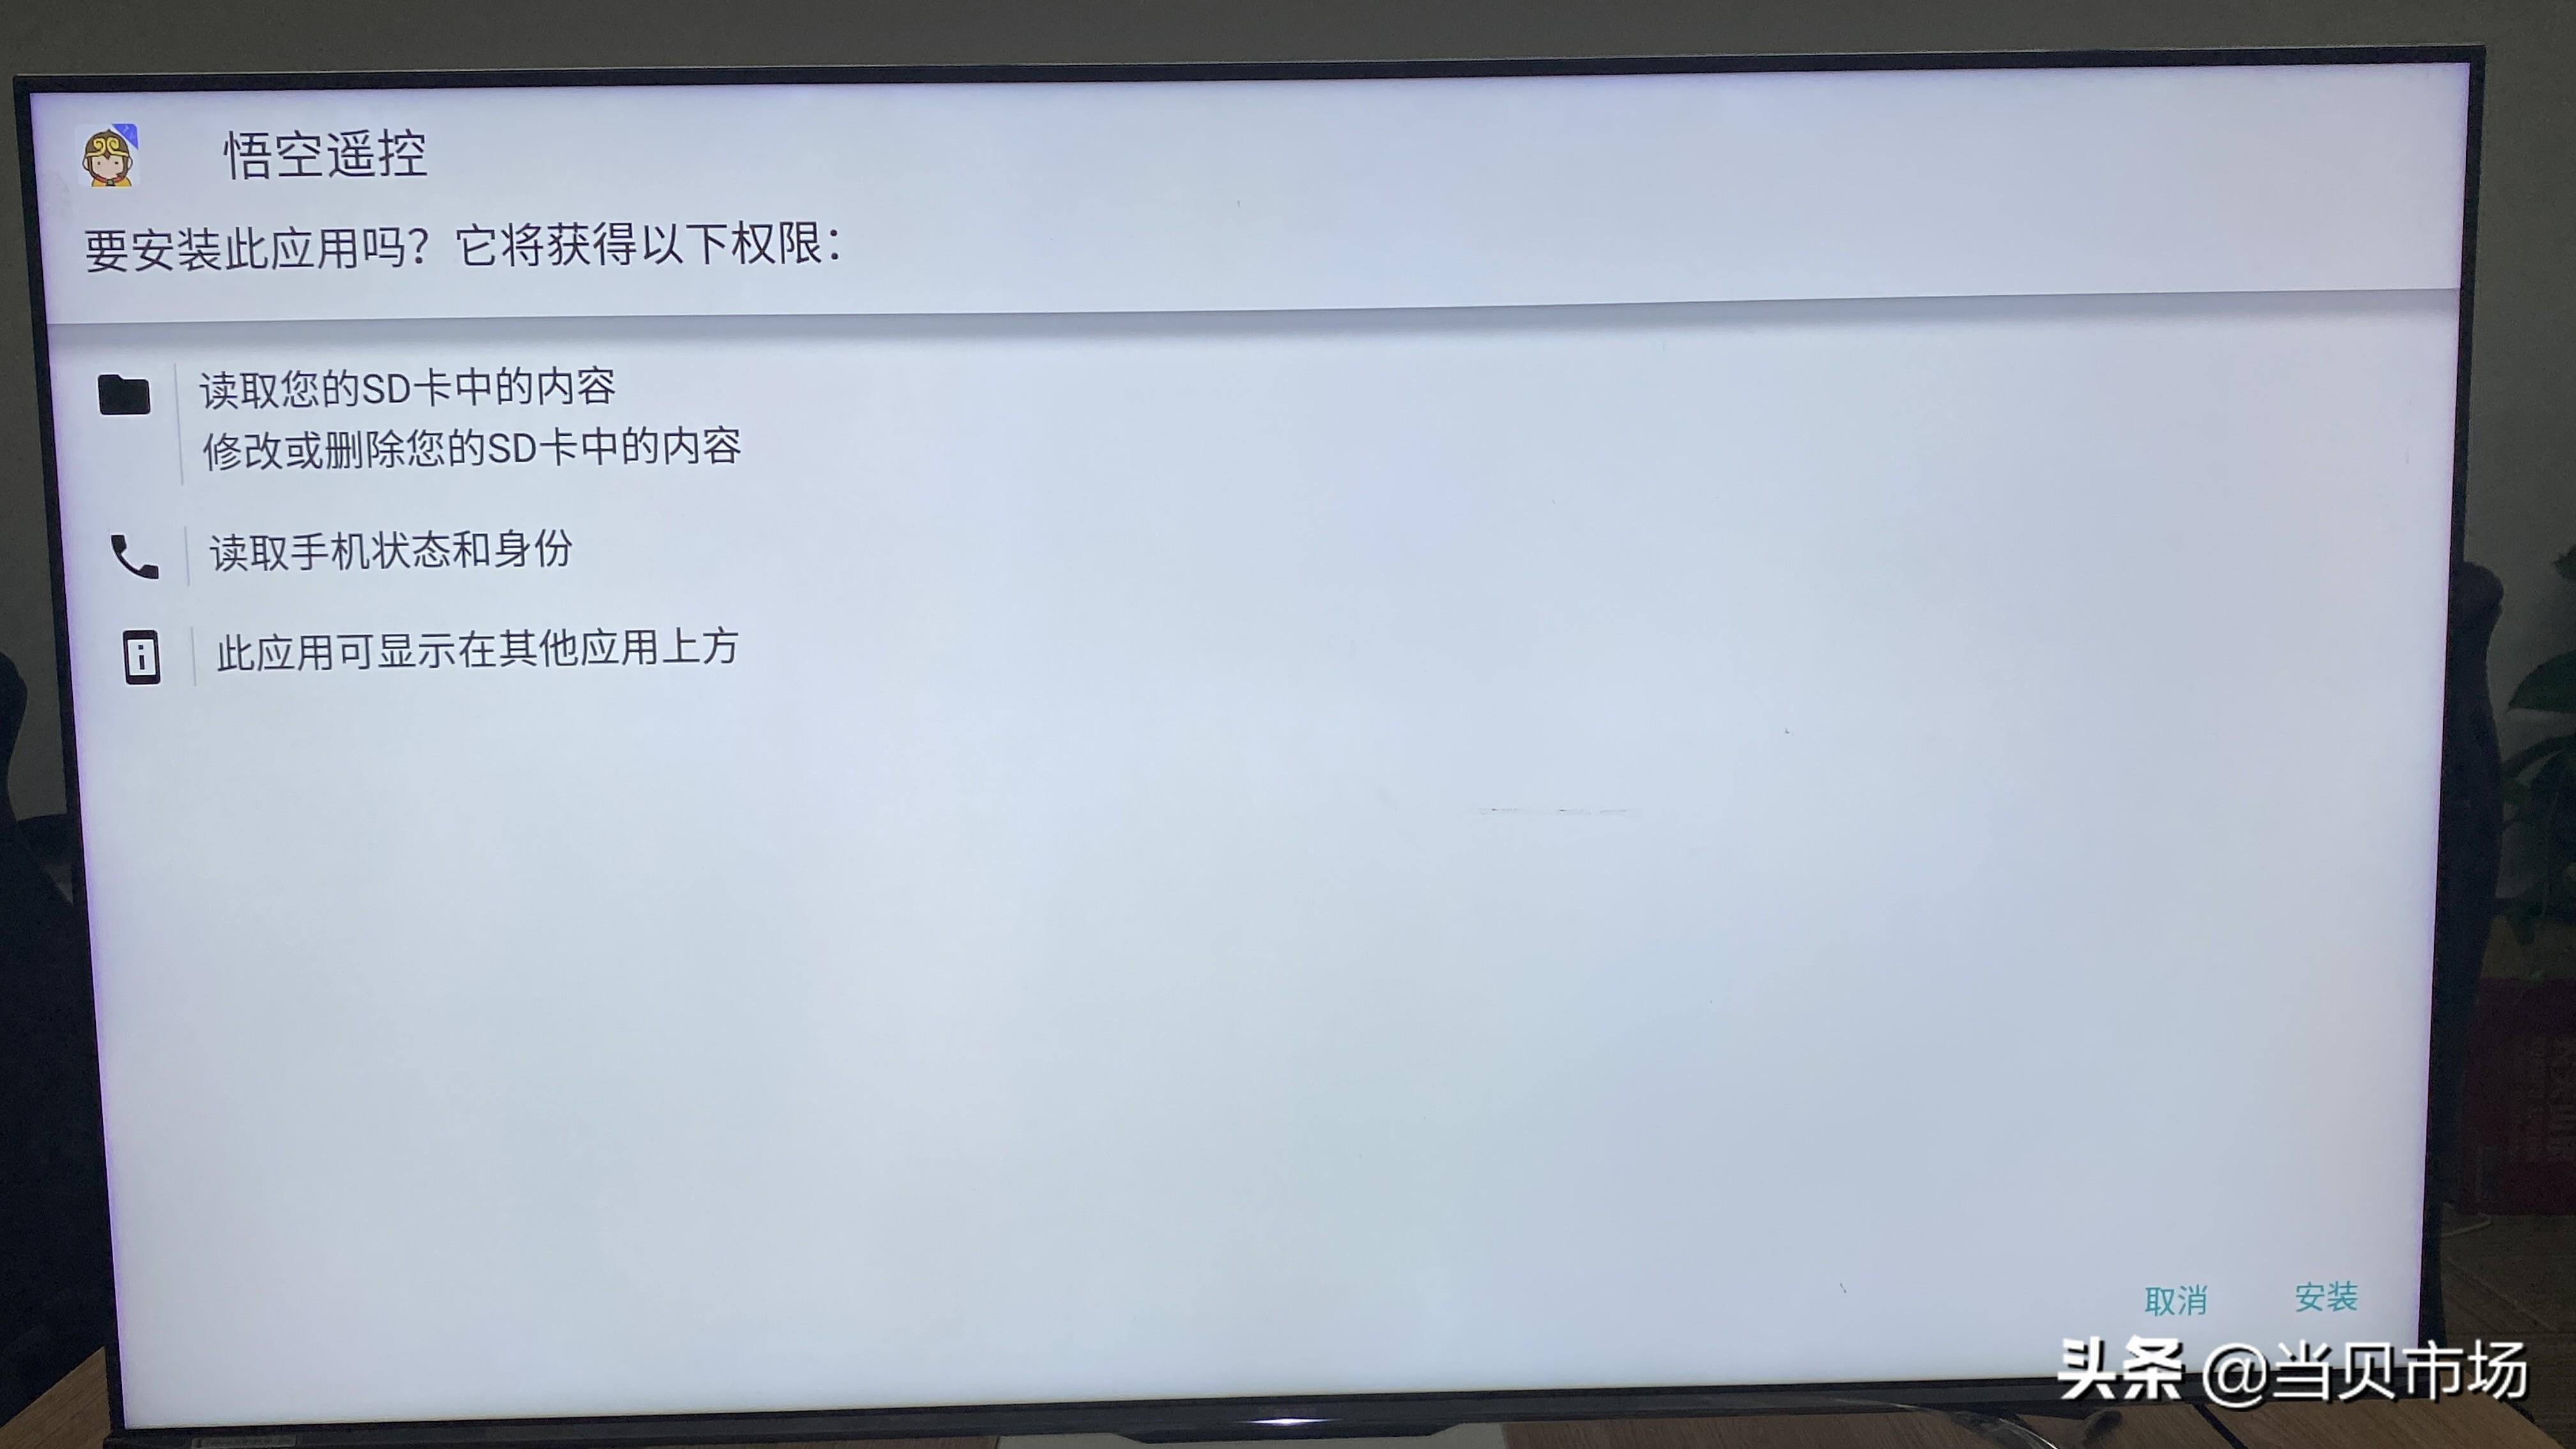 海信电视如何安装第三方软件(海信电视如何安装app)